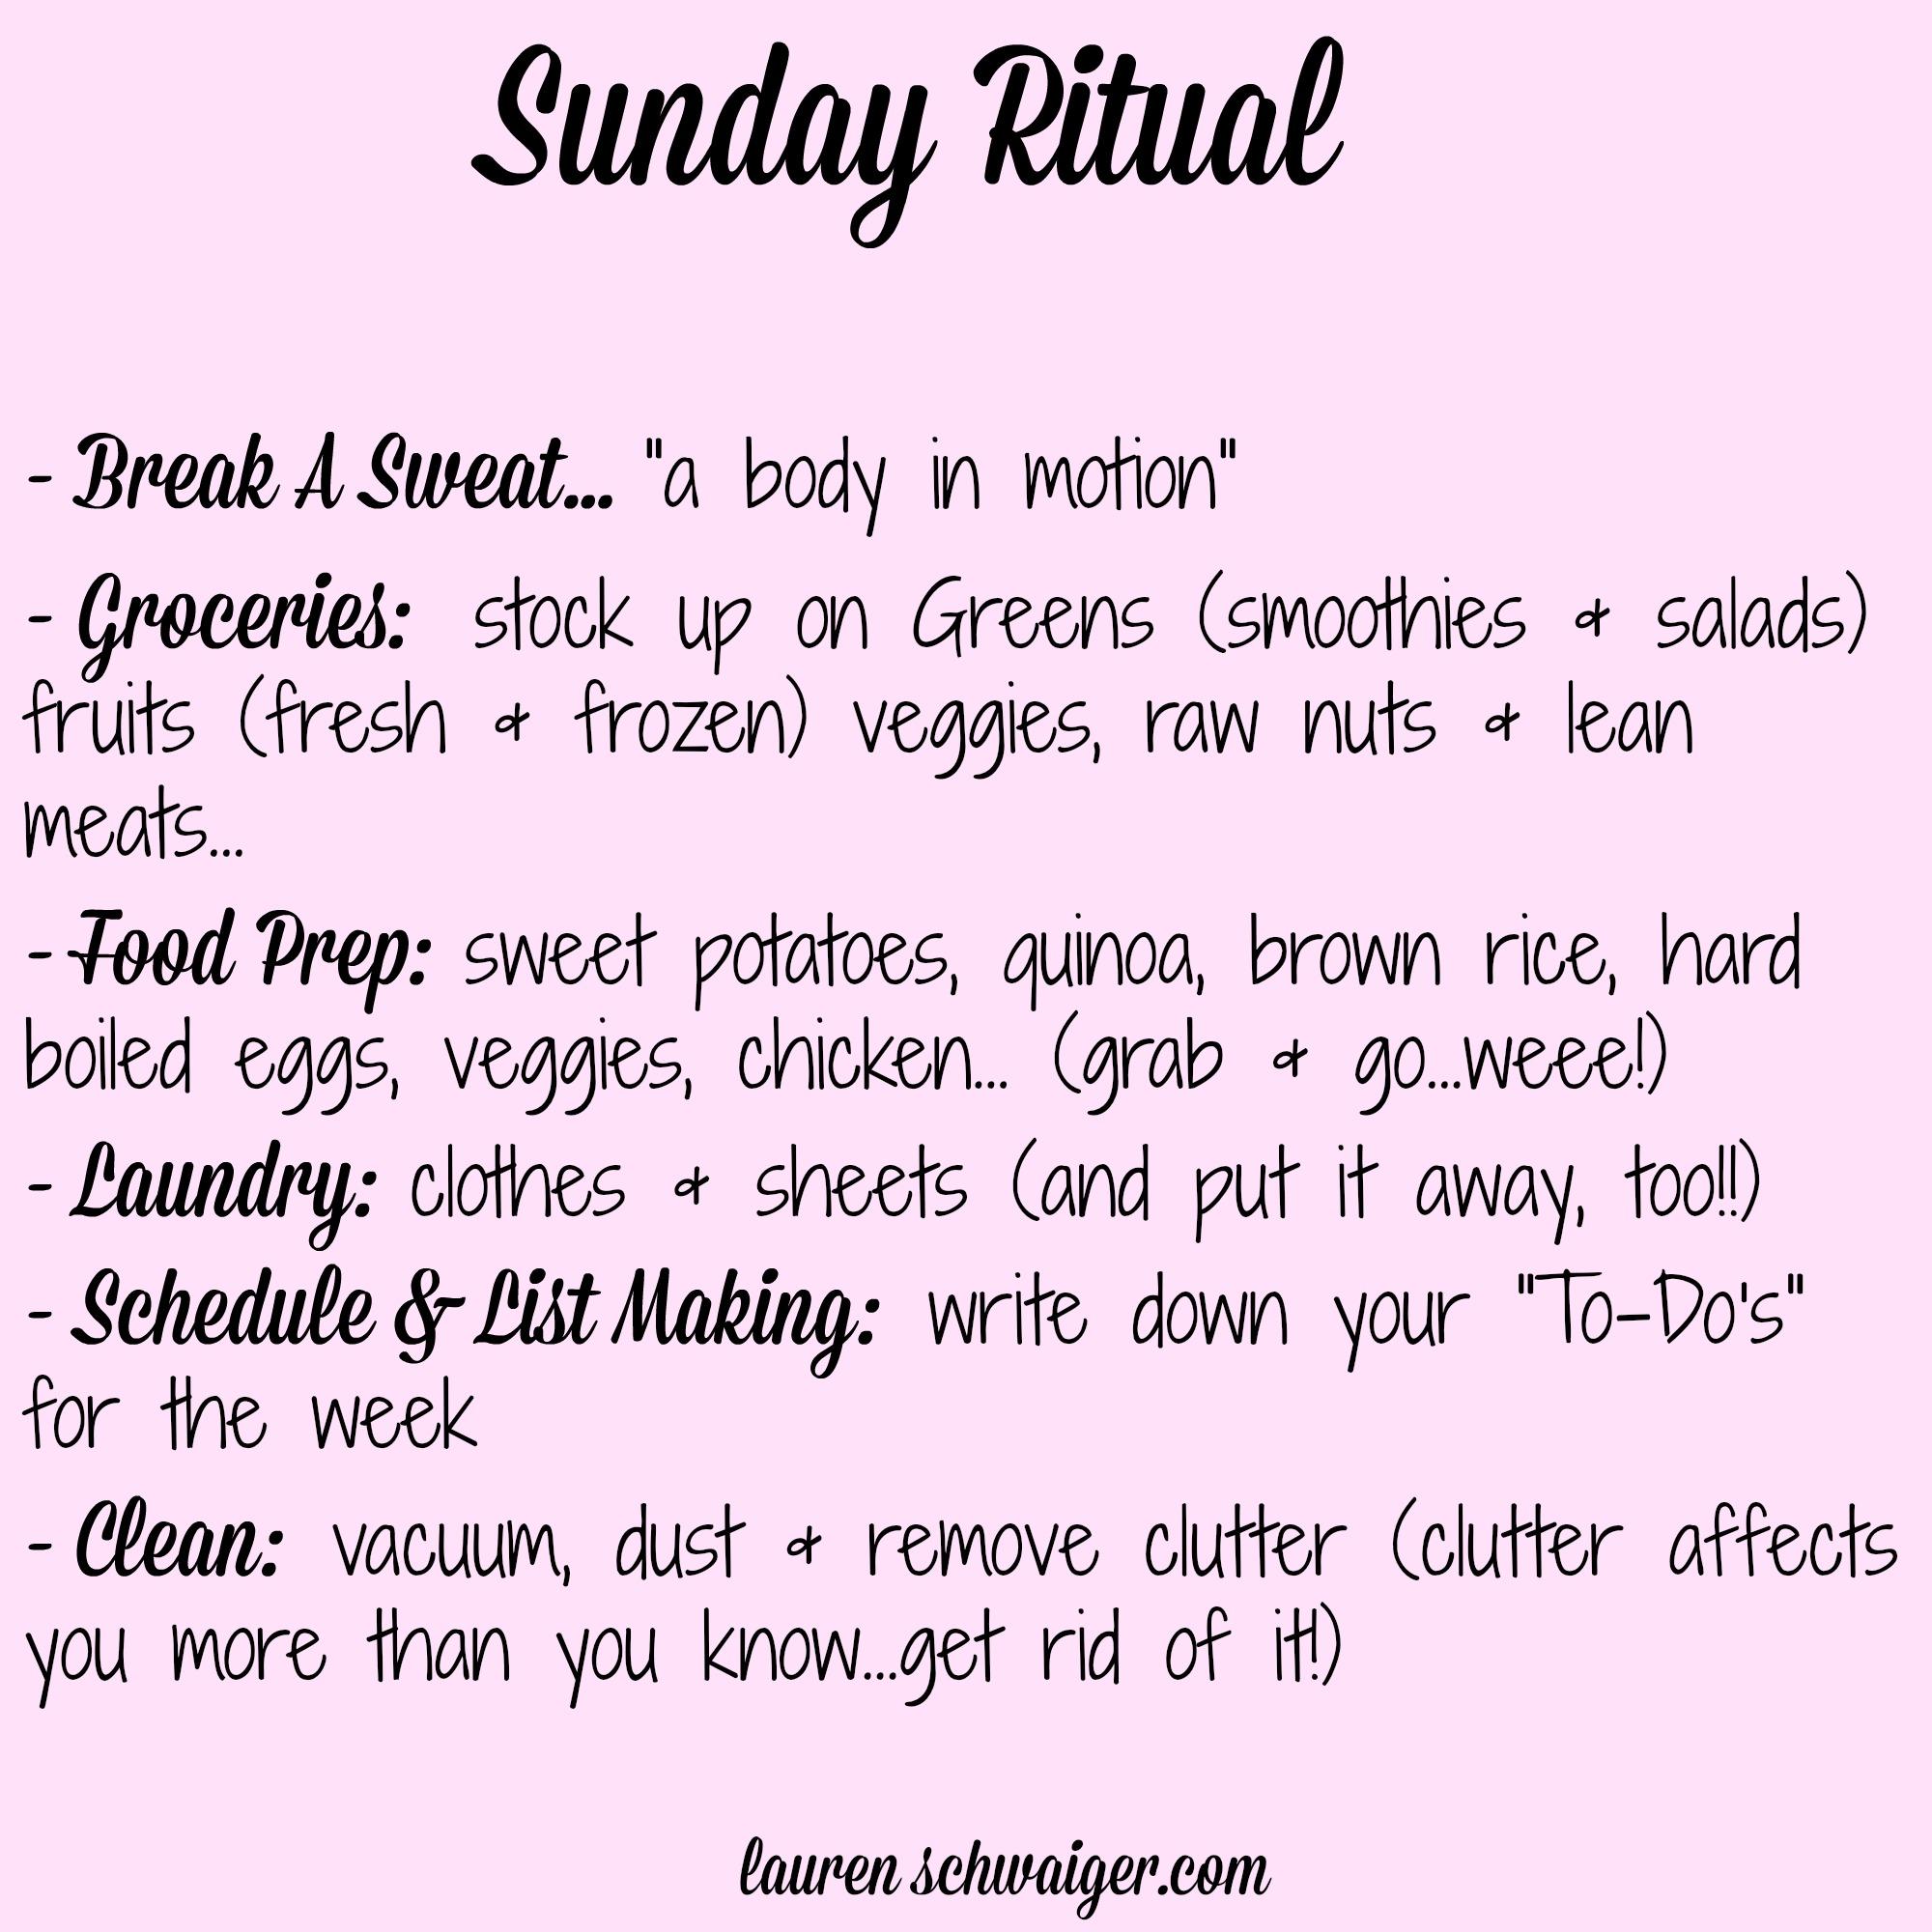 Sunday Ritual - laurenschwaiger.com